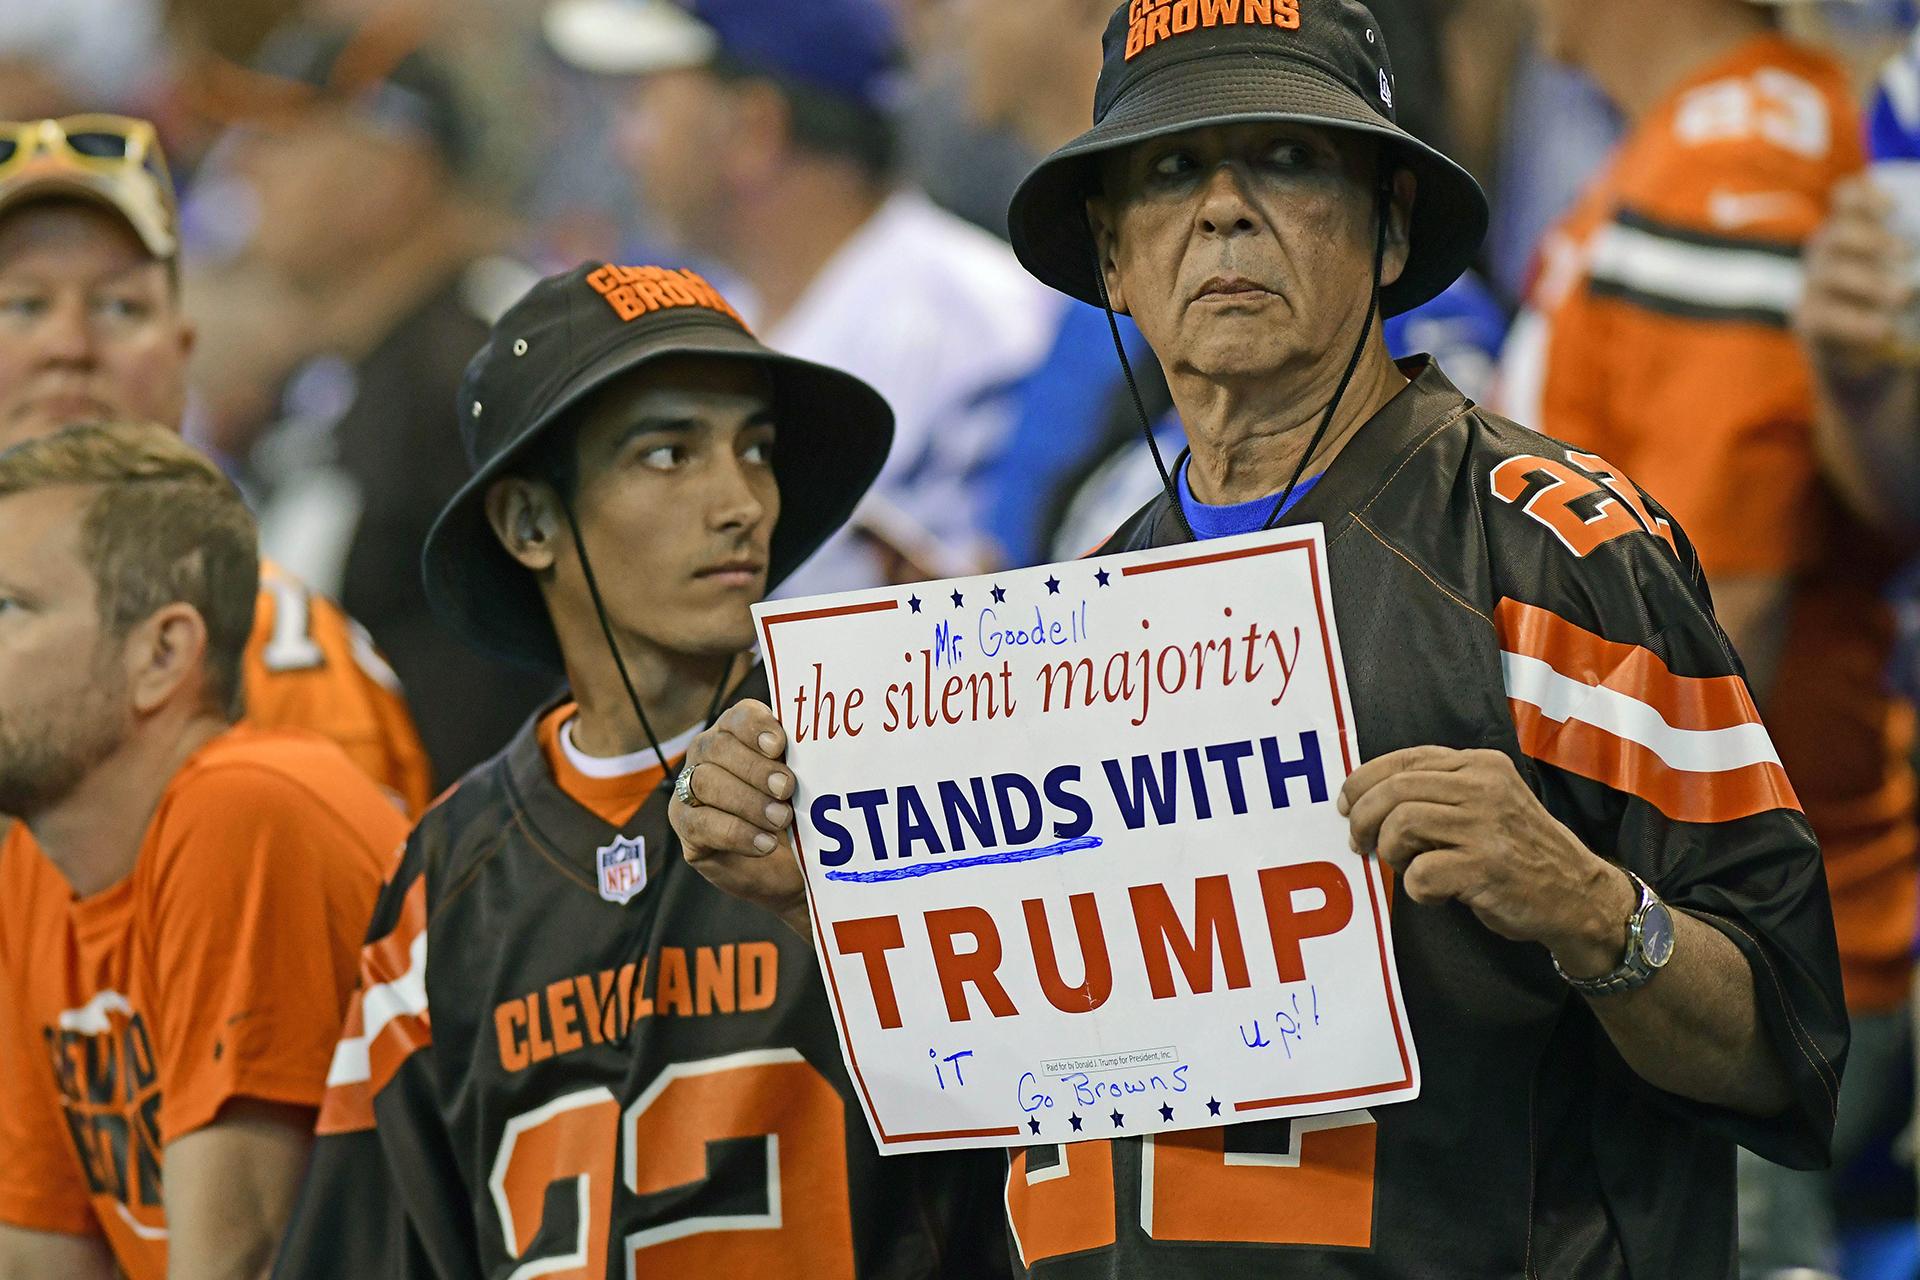 Los aficionados de Cleveland Browns durante su juego contra los Indianapolis Colts en Lucas Oil Stadium